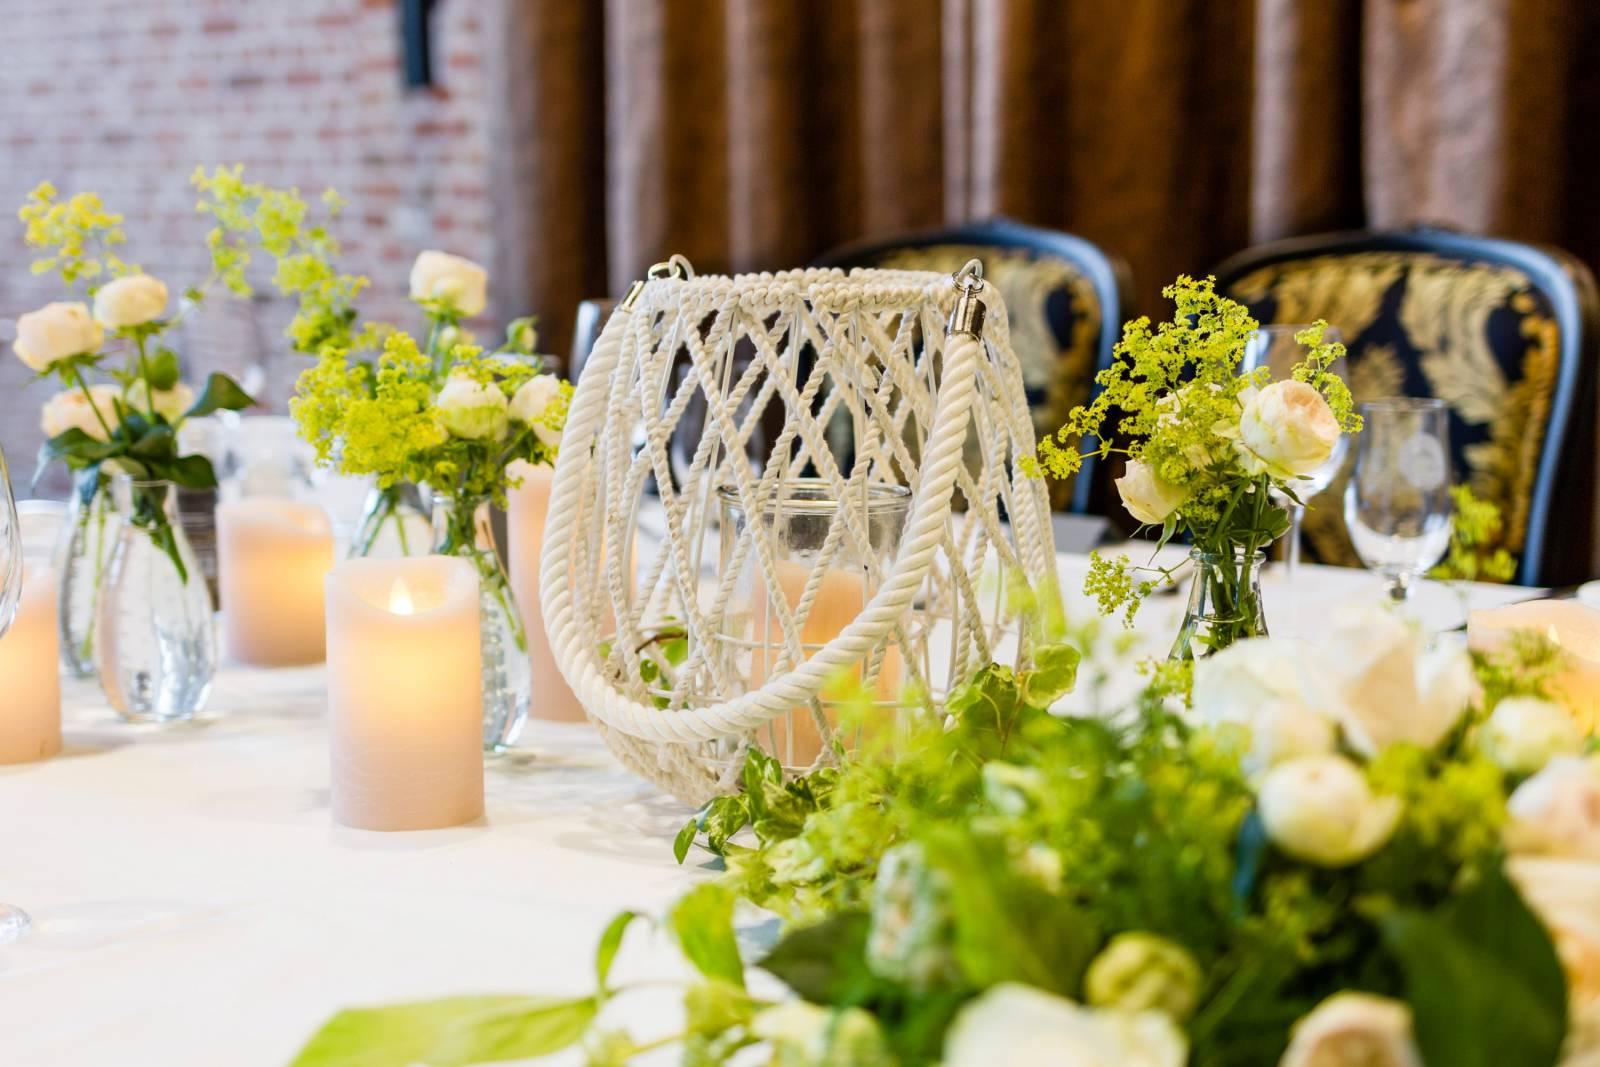 Bierkasteel House of Weddings Feestzaal West Vlaanderen grote capaciteit izegem ceremonie dansfeest exclusief huwelijk (5)